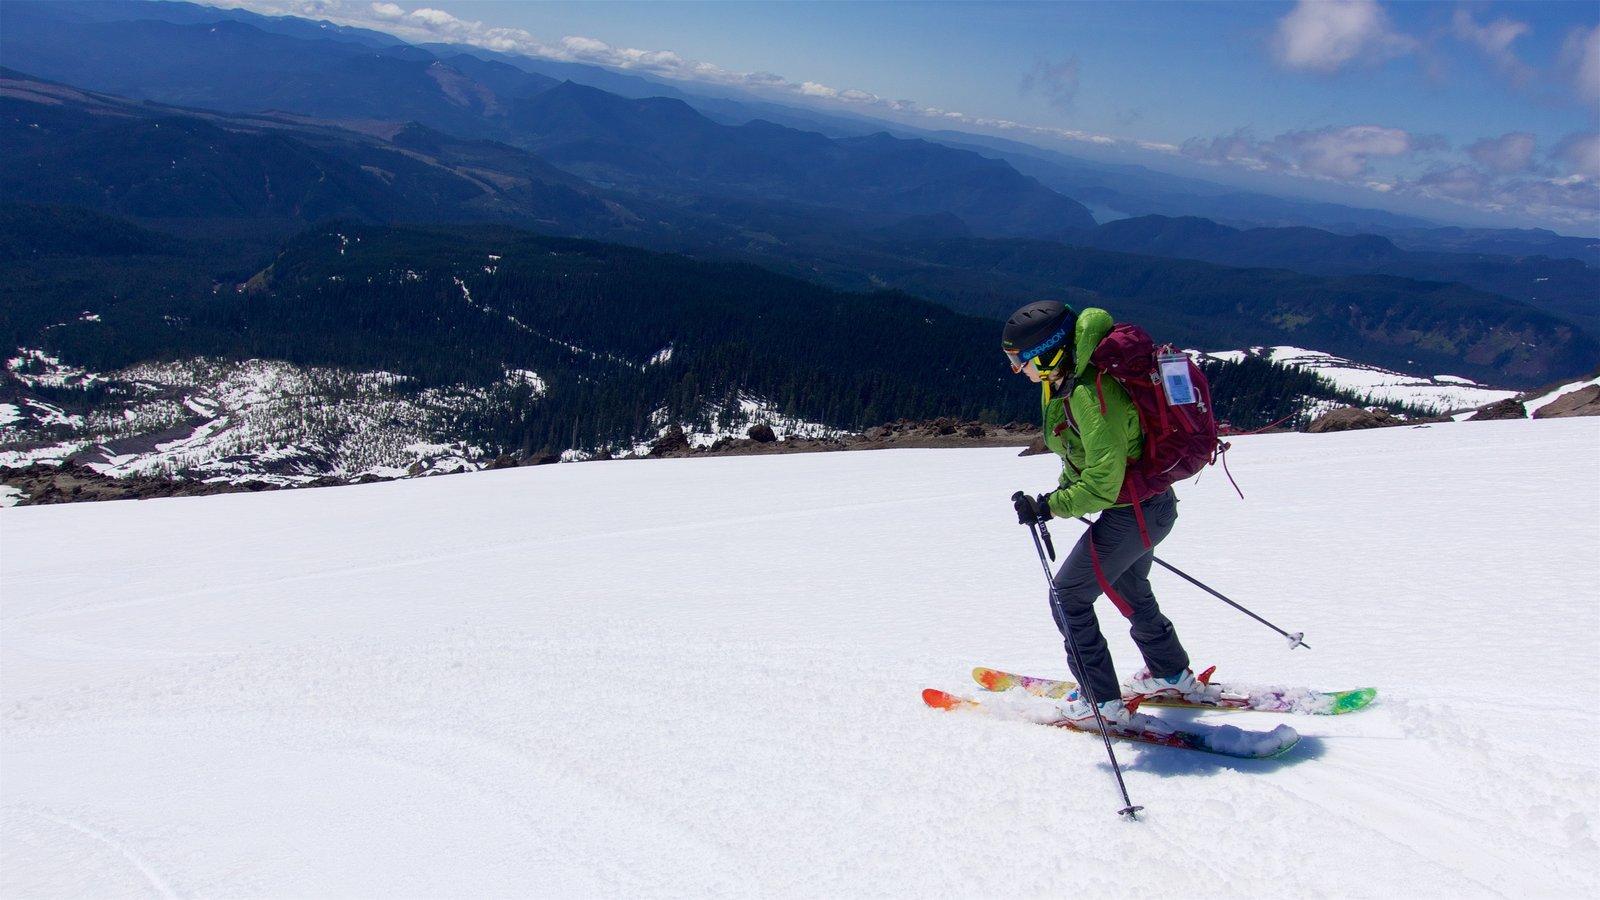 Mount St. Helens caracterizando cenas tranquilas, neve e esqui na neve